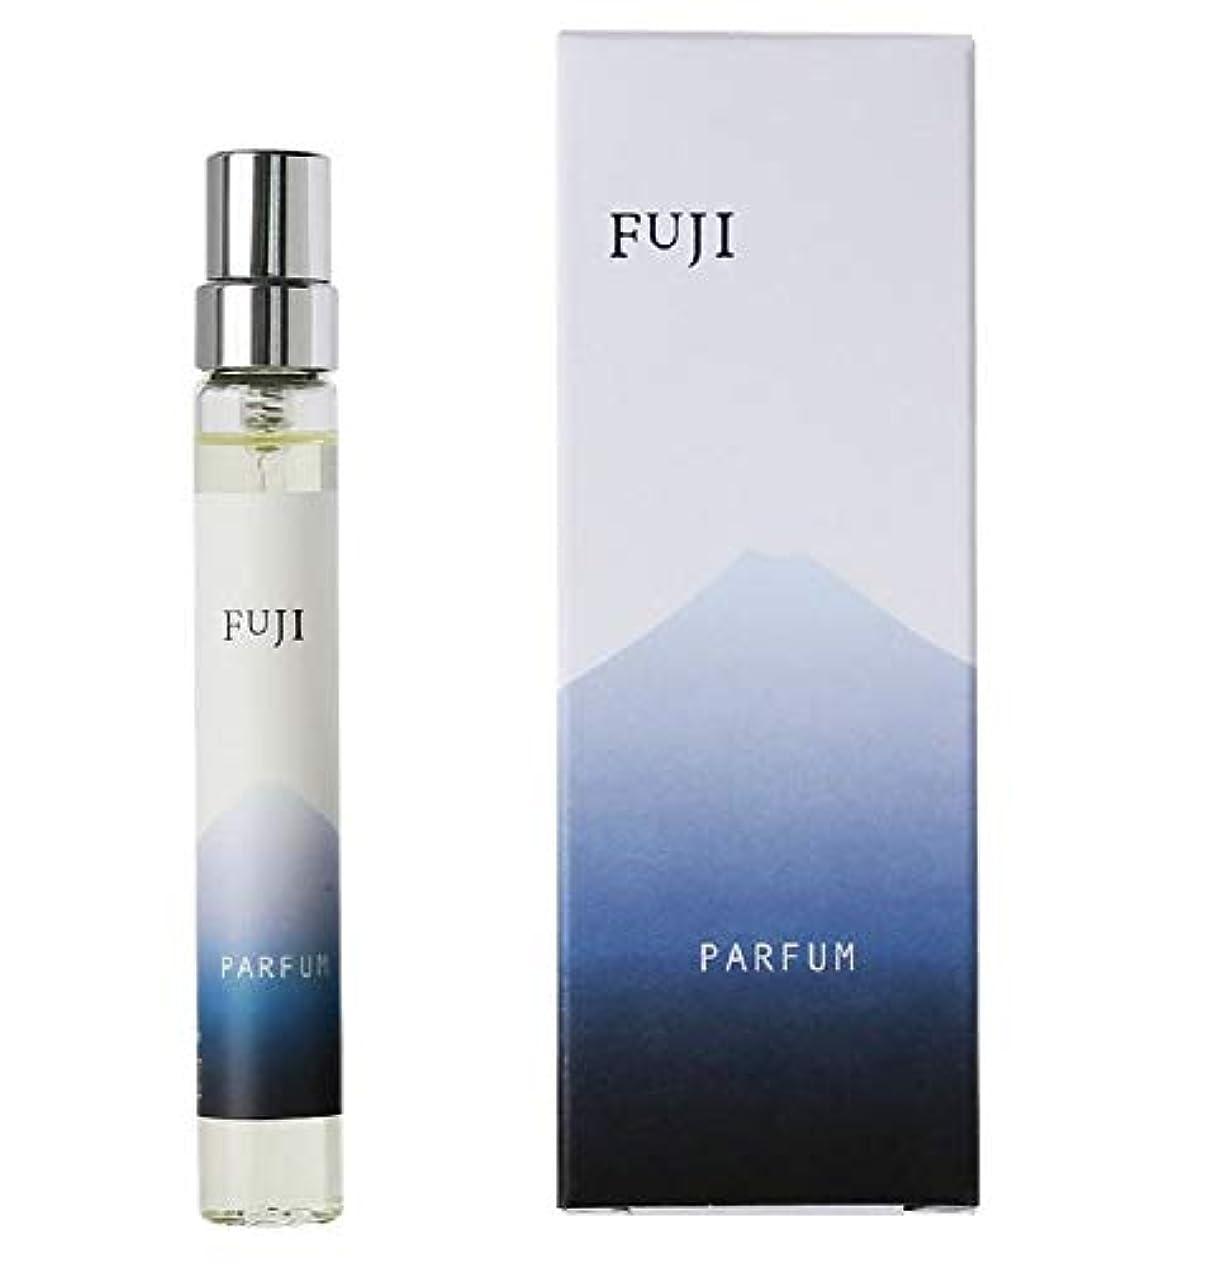 公爵夫人あまりにもラメパルファム フジ parfum fuji 最高級 パルファン 1ダースセット(12本) 限定割引 & 送料無料 富士山 香水 海外みやげ